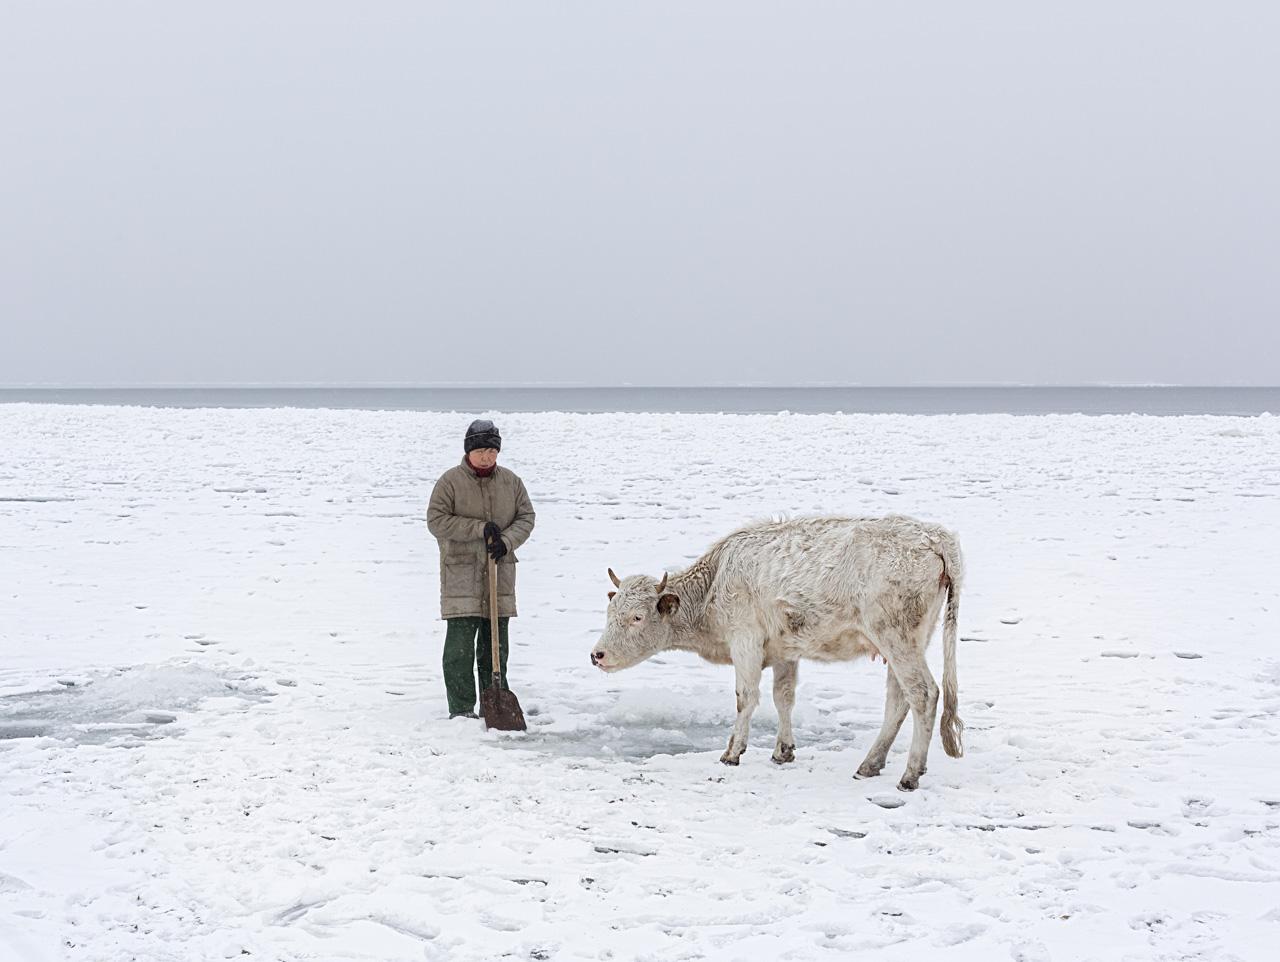 """L'isola di Olkhon si trova nella parte centrale del lago, vicino alla costa nord-occidentale, e forma uno stretto che si chiama Maloe More, """"piccolo mare"""""""